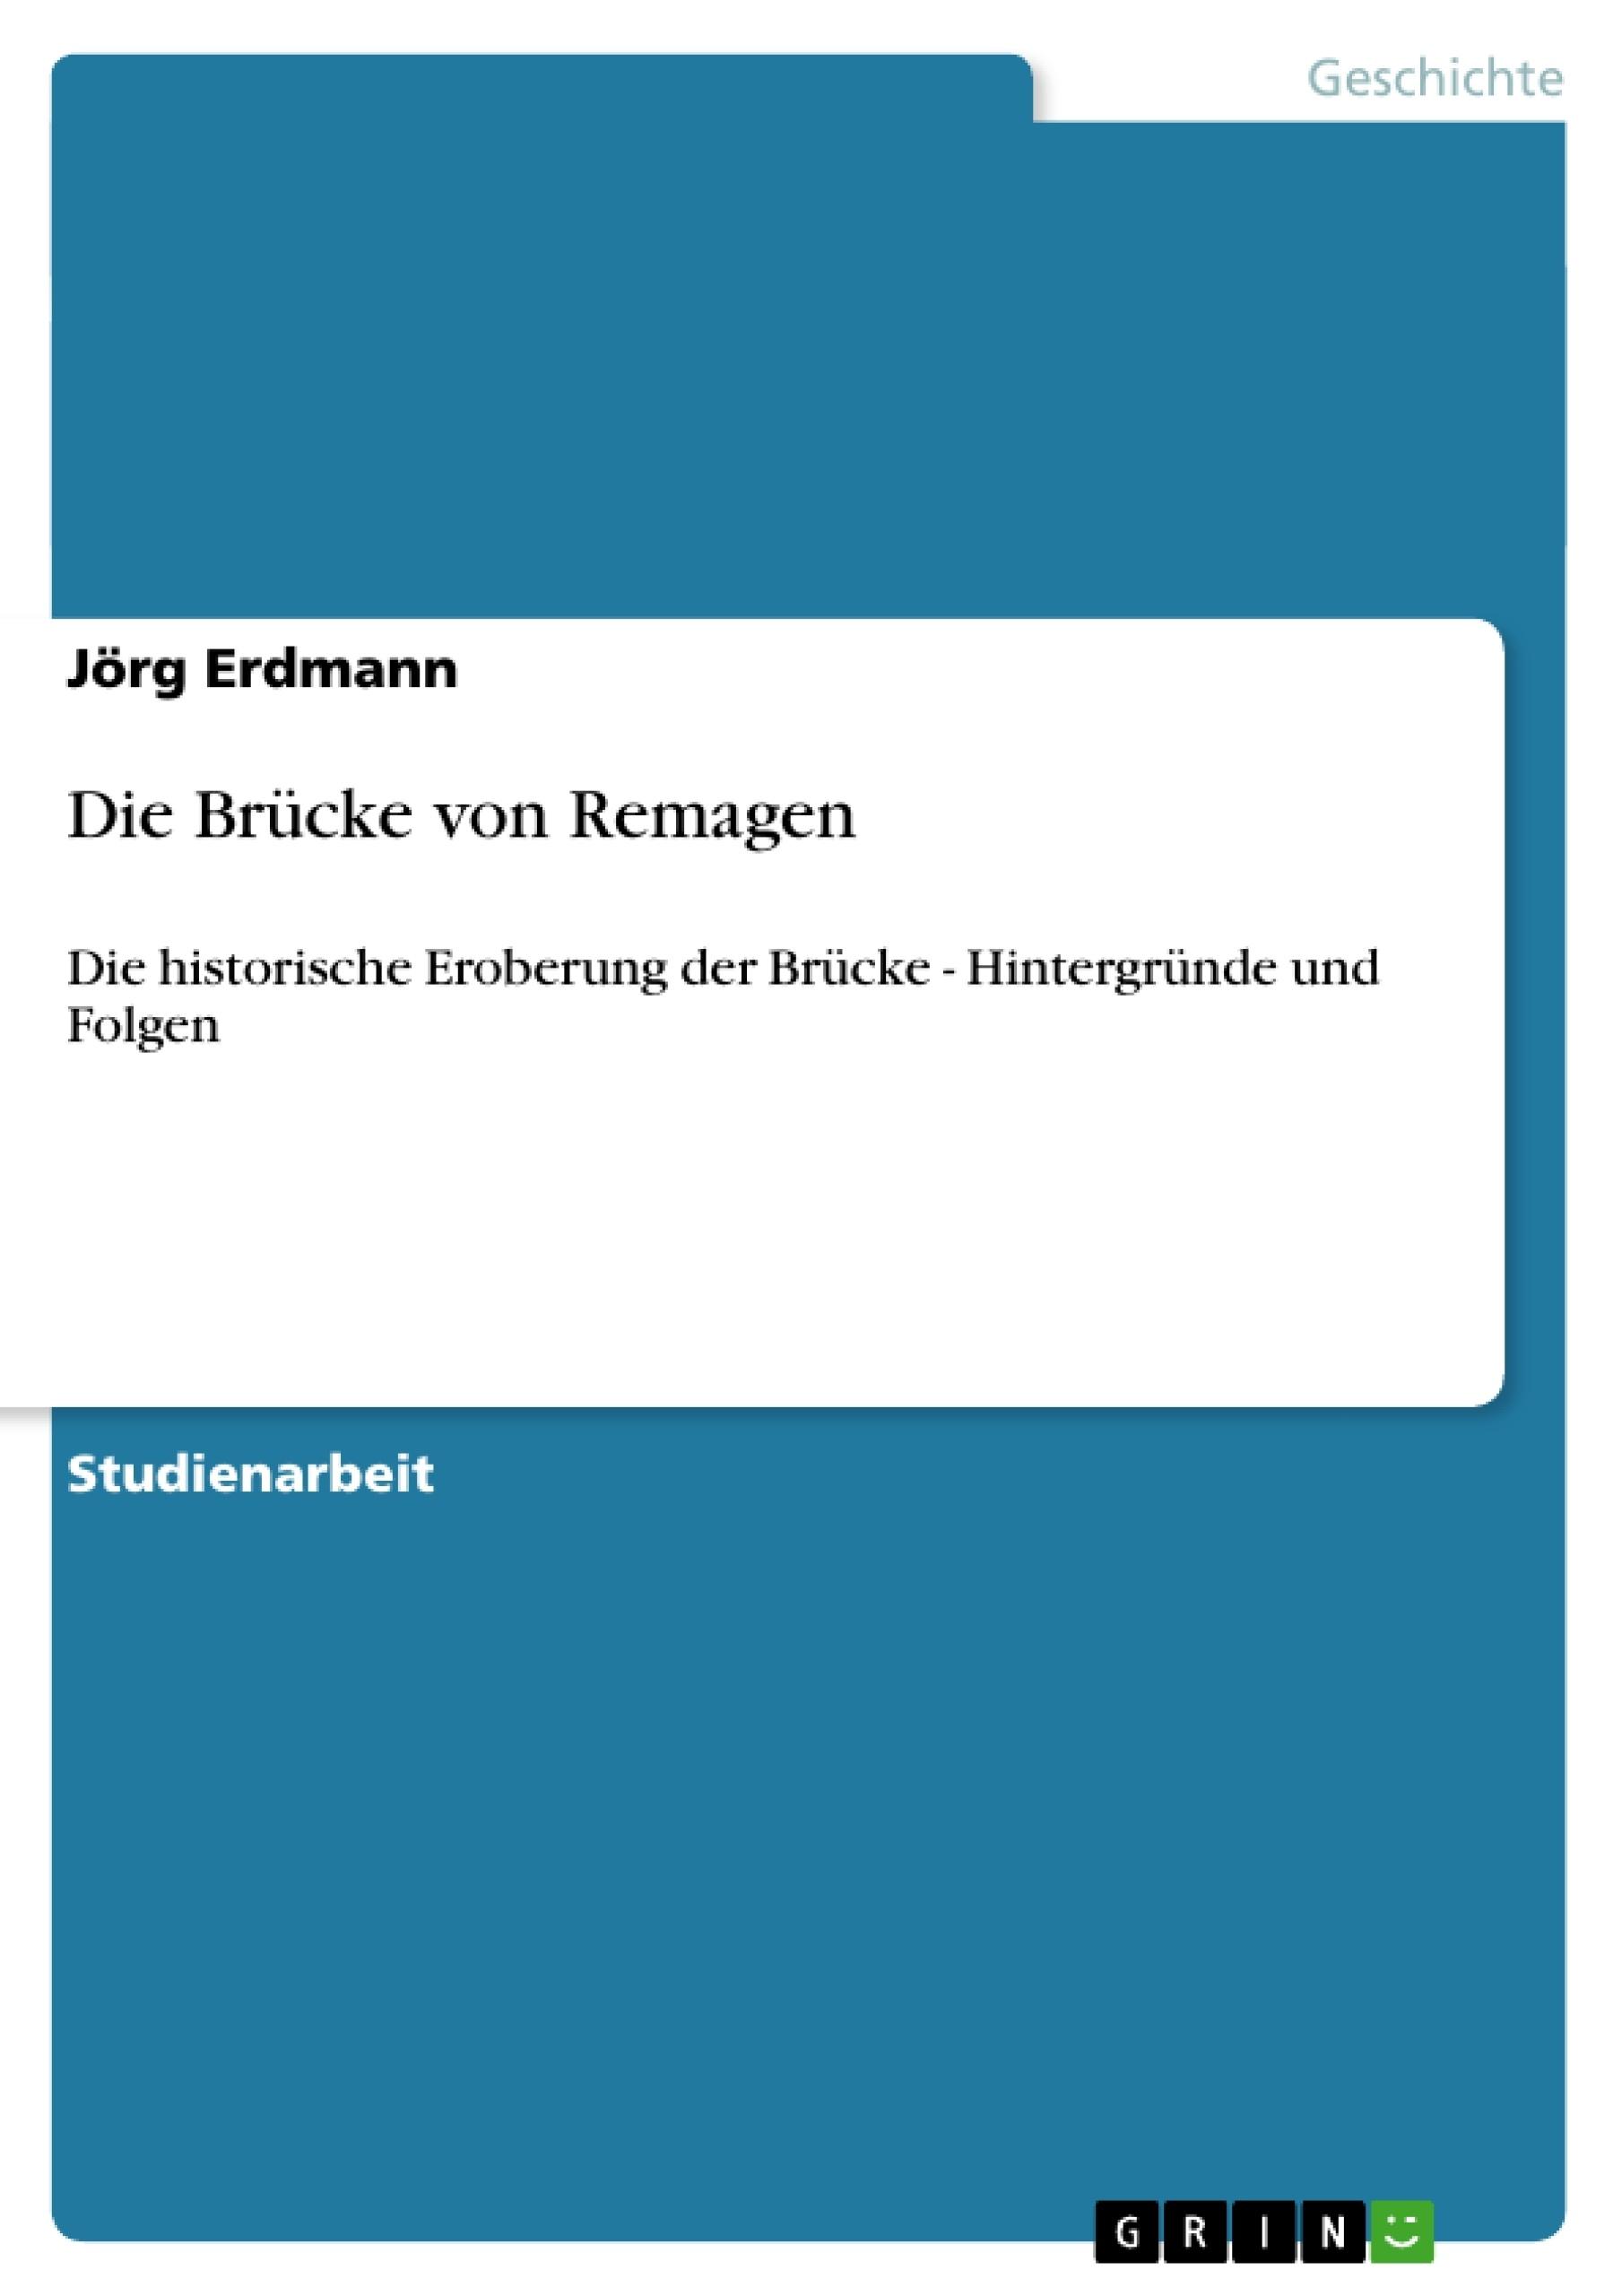 Titel: Die Brücke von Remagen